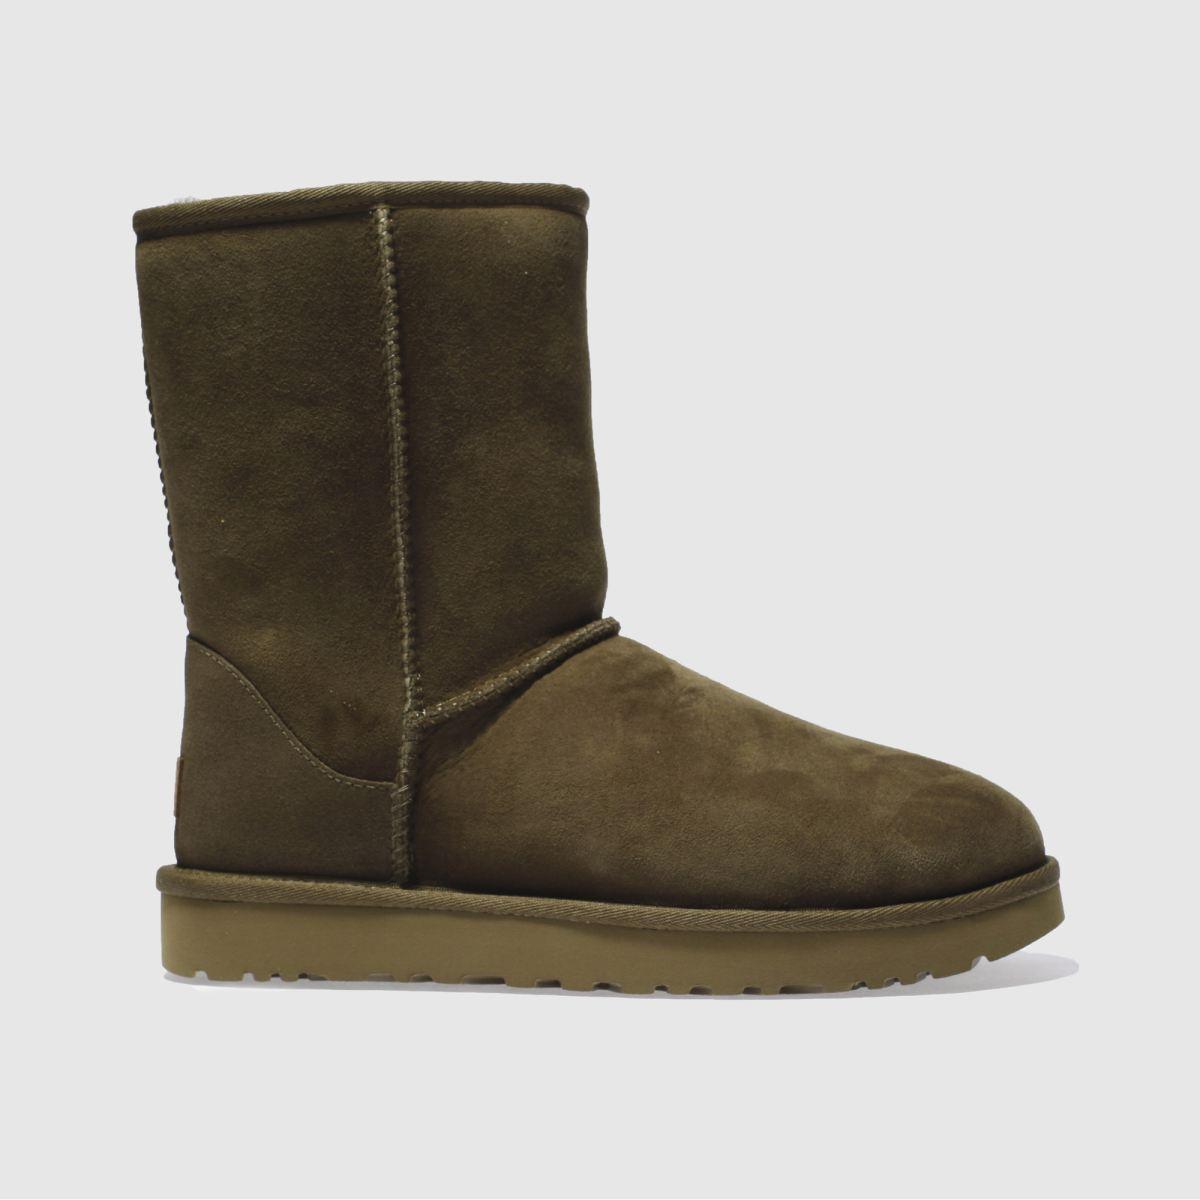 Ugg Khaki Classic Short Ii Boots